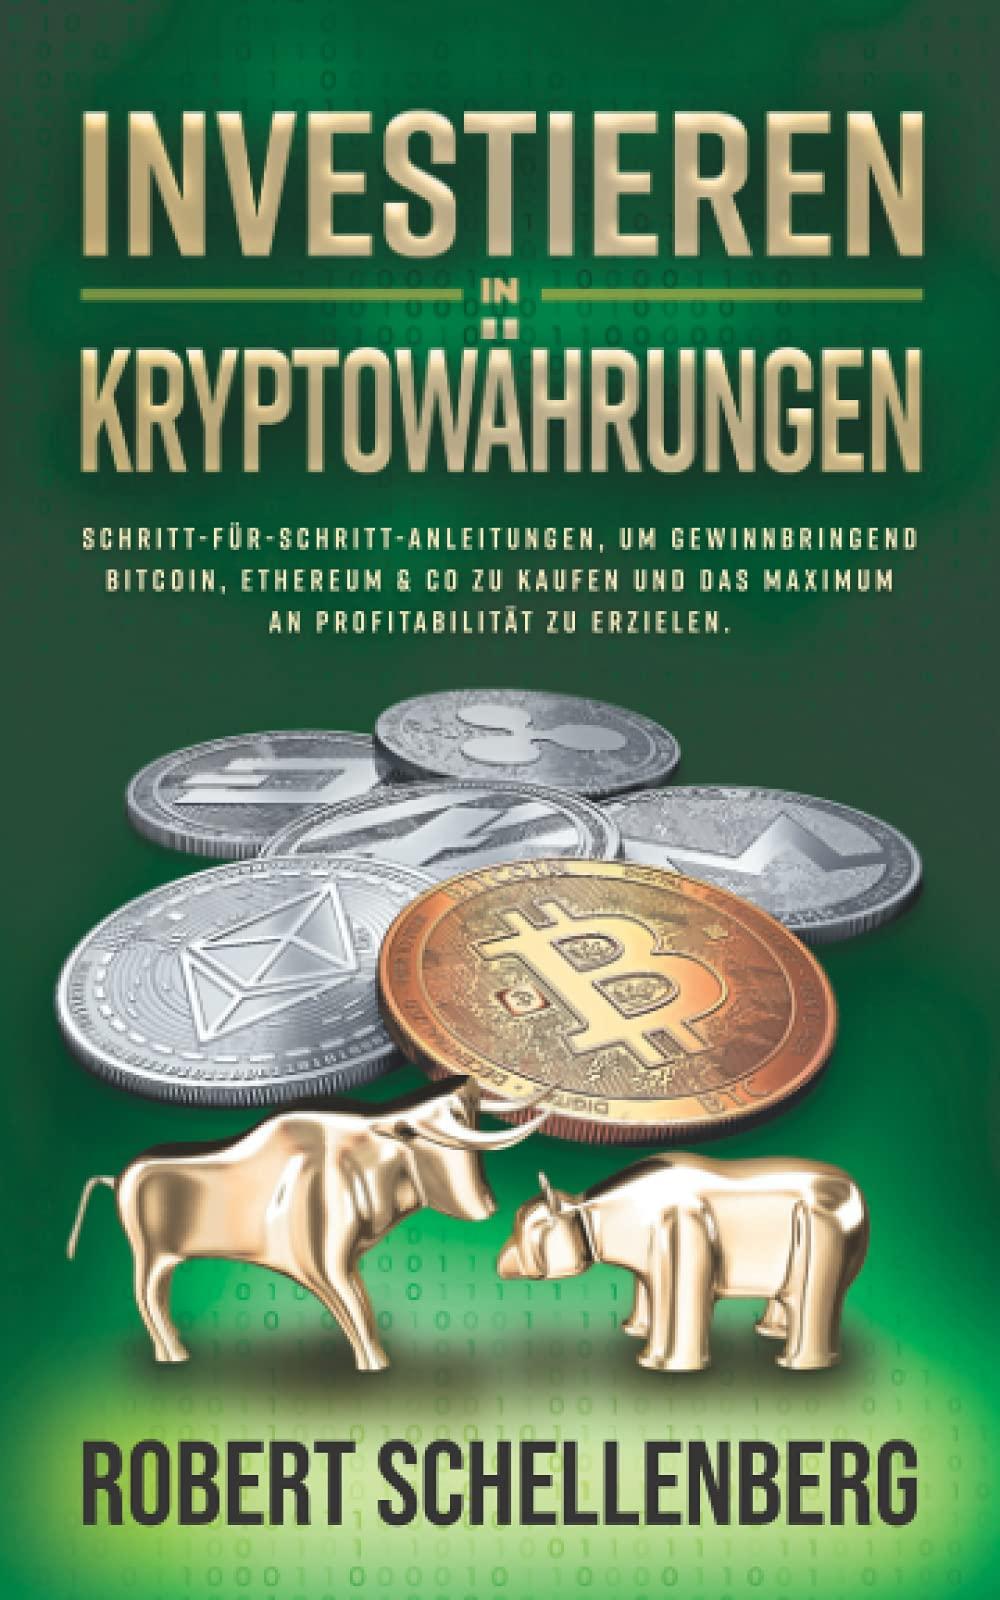 was muss ich tun, um in digitale währung zu investieren? option synonym and antonym words